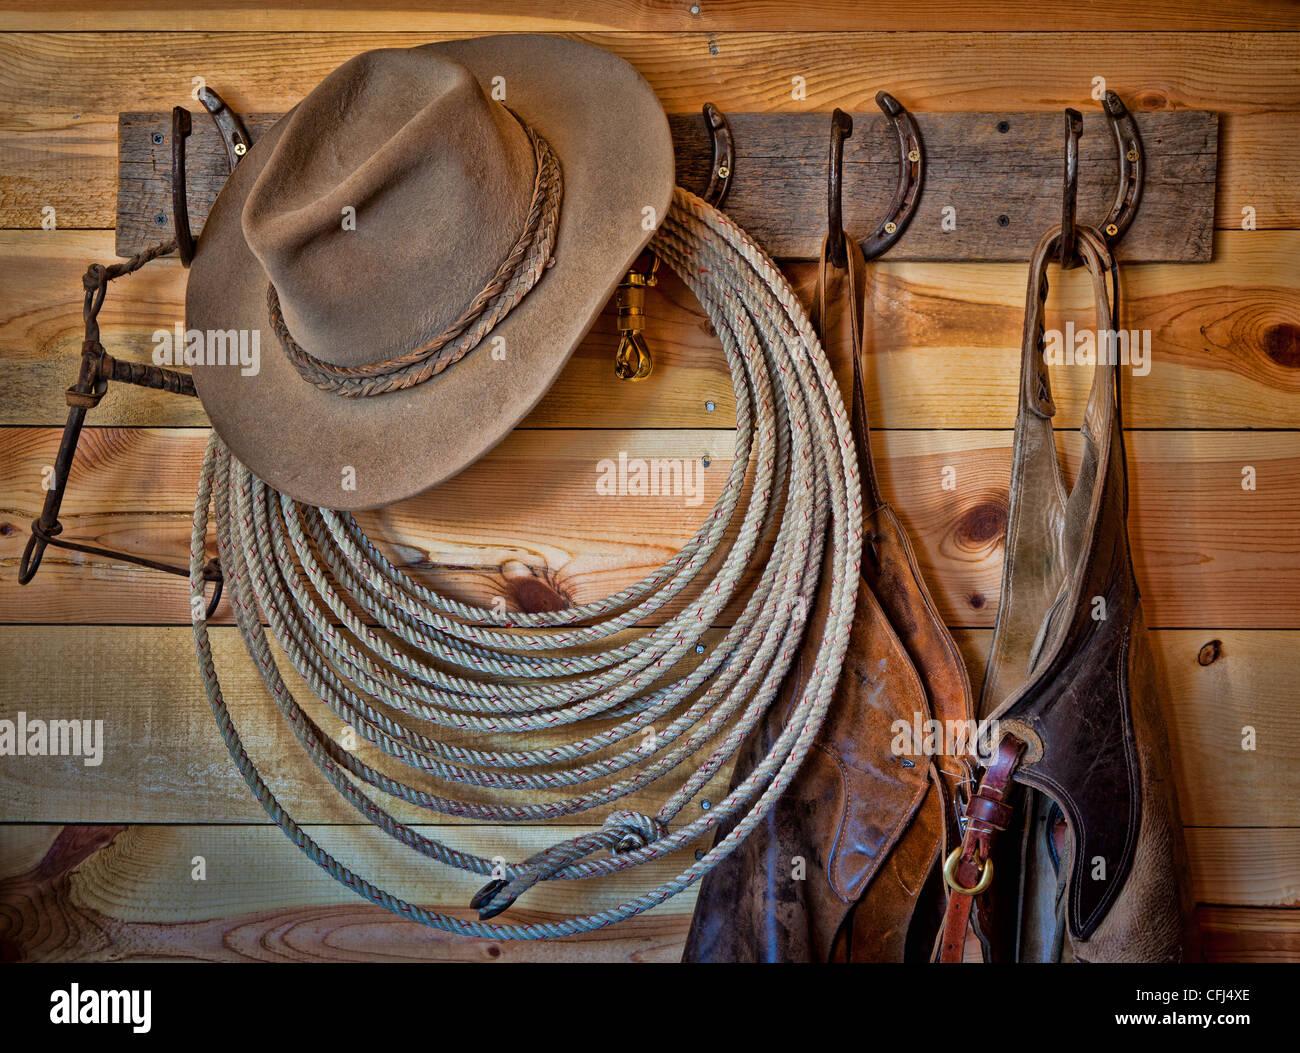 Garderobe en un rancho en el noroeste de Wyoming Foto de stock